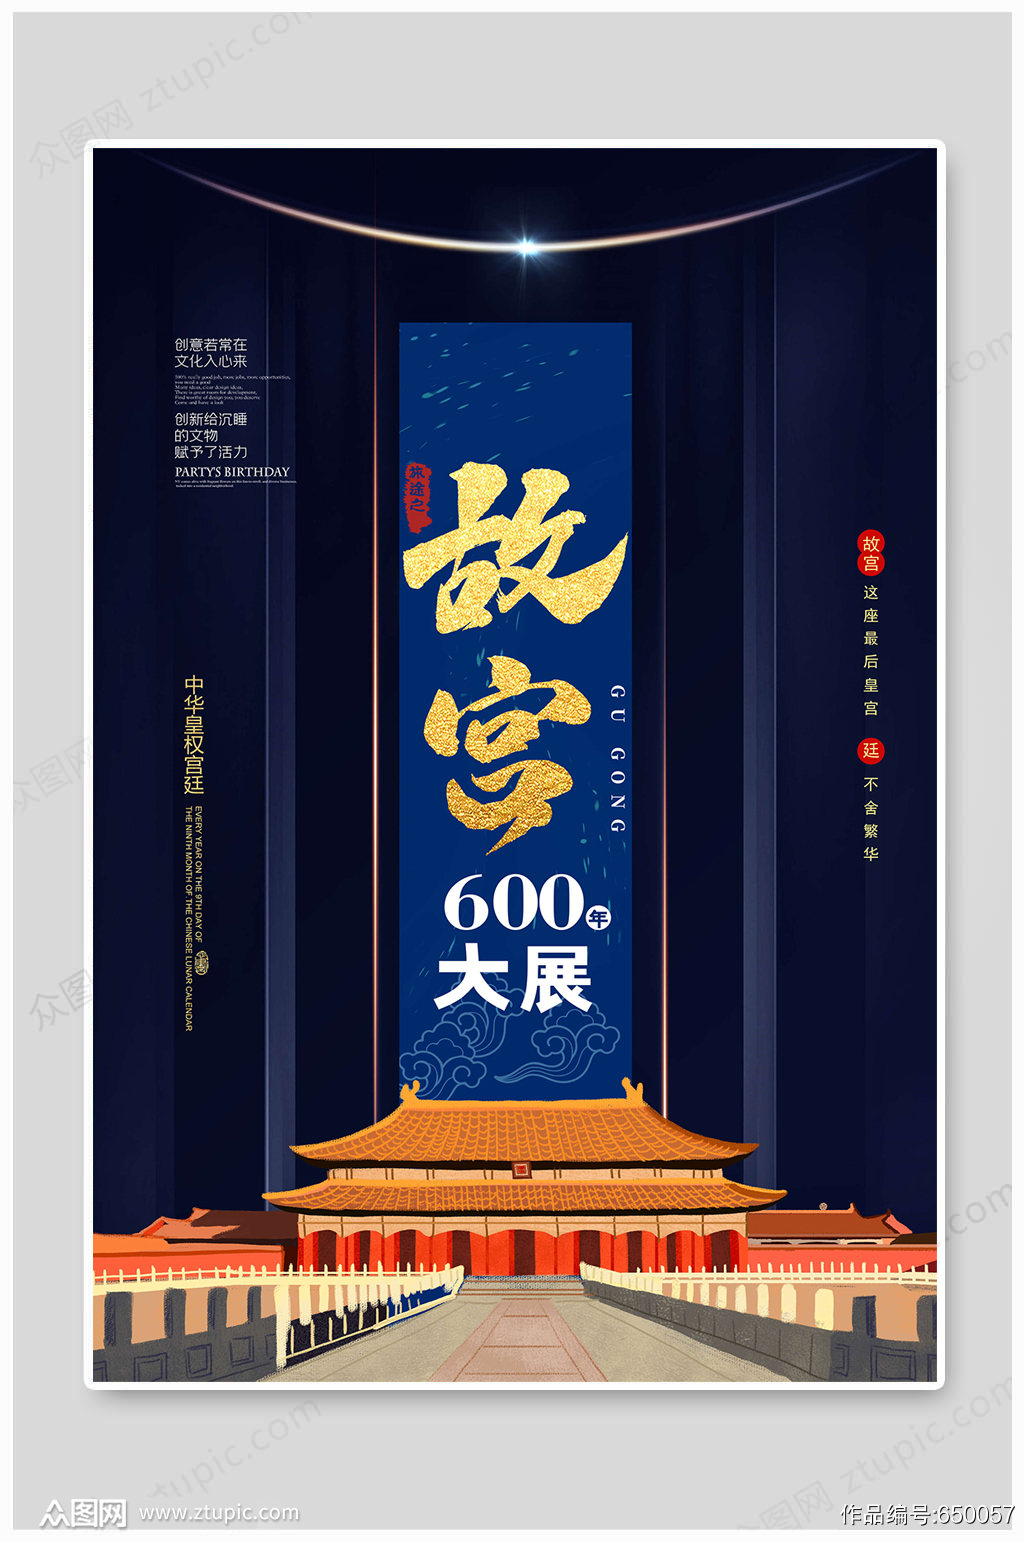 故宫之旅海报600年大展素材